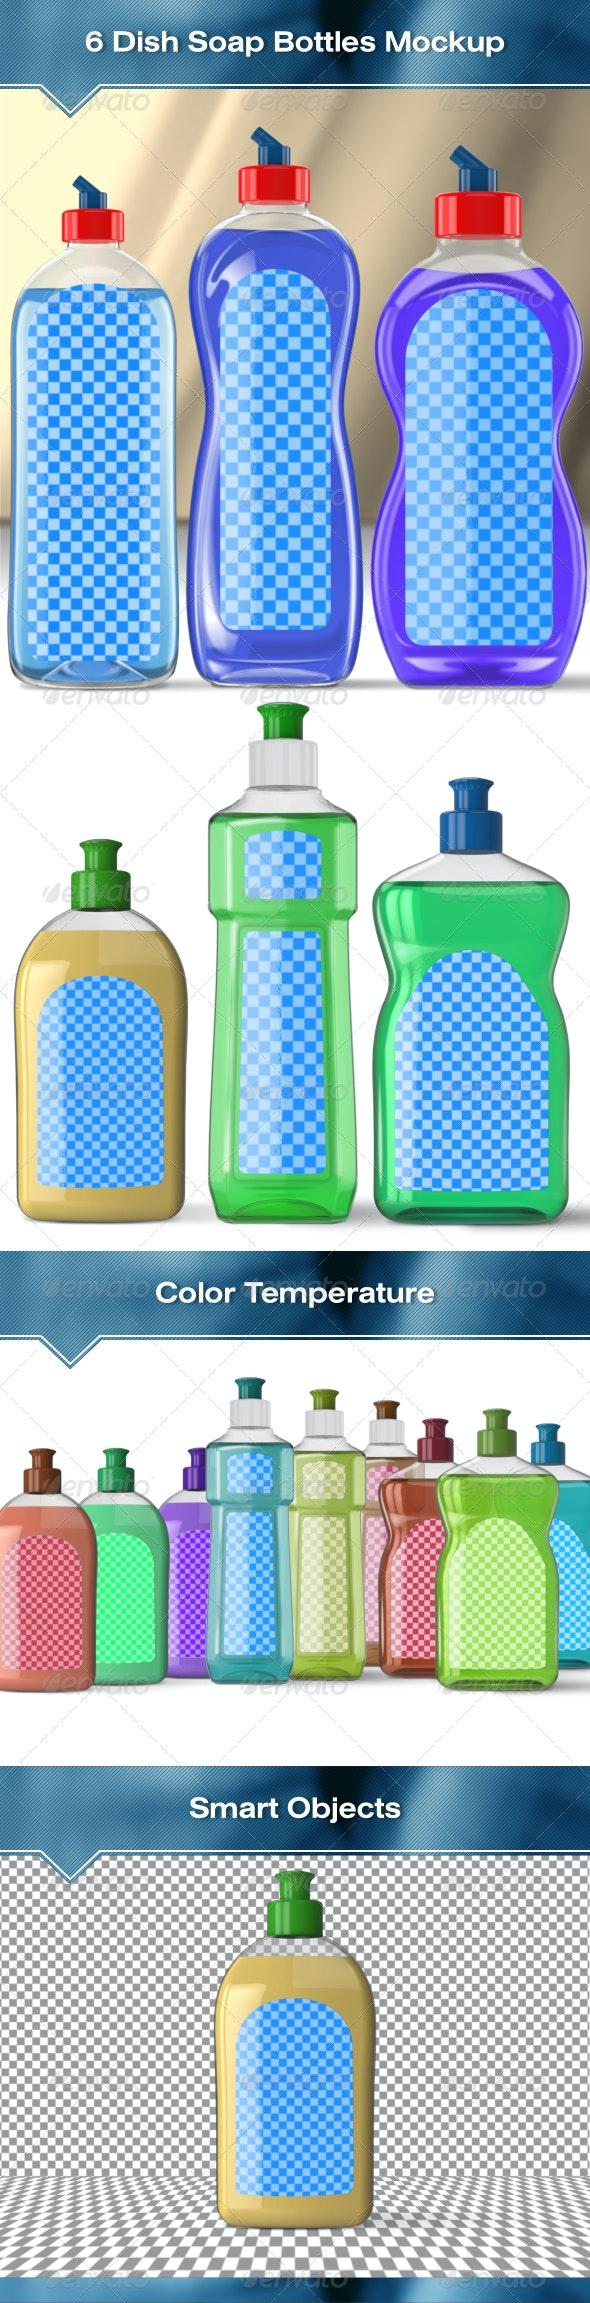 6 Dish Soap Bottles Mock-Up - Packaging Product Mock-Ups